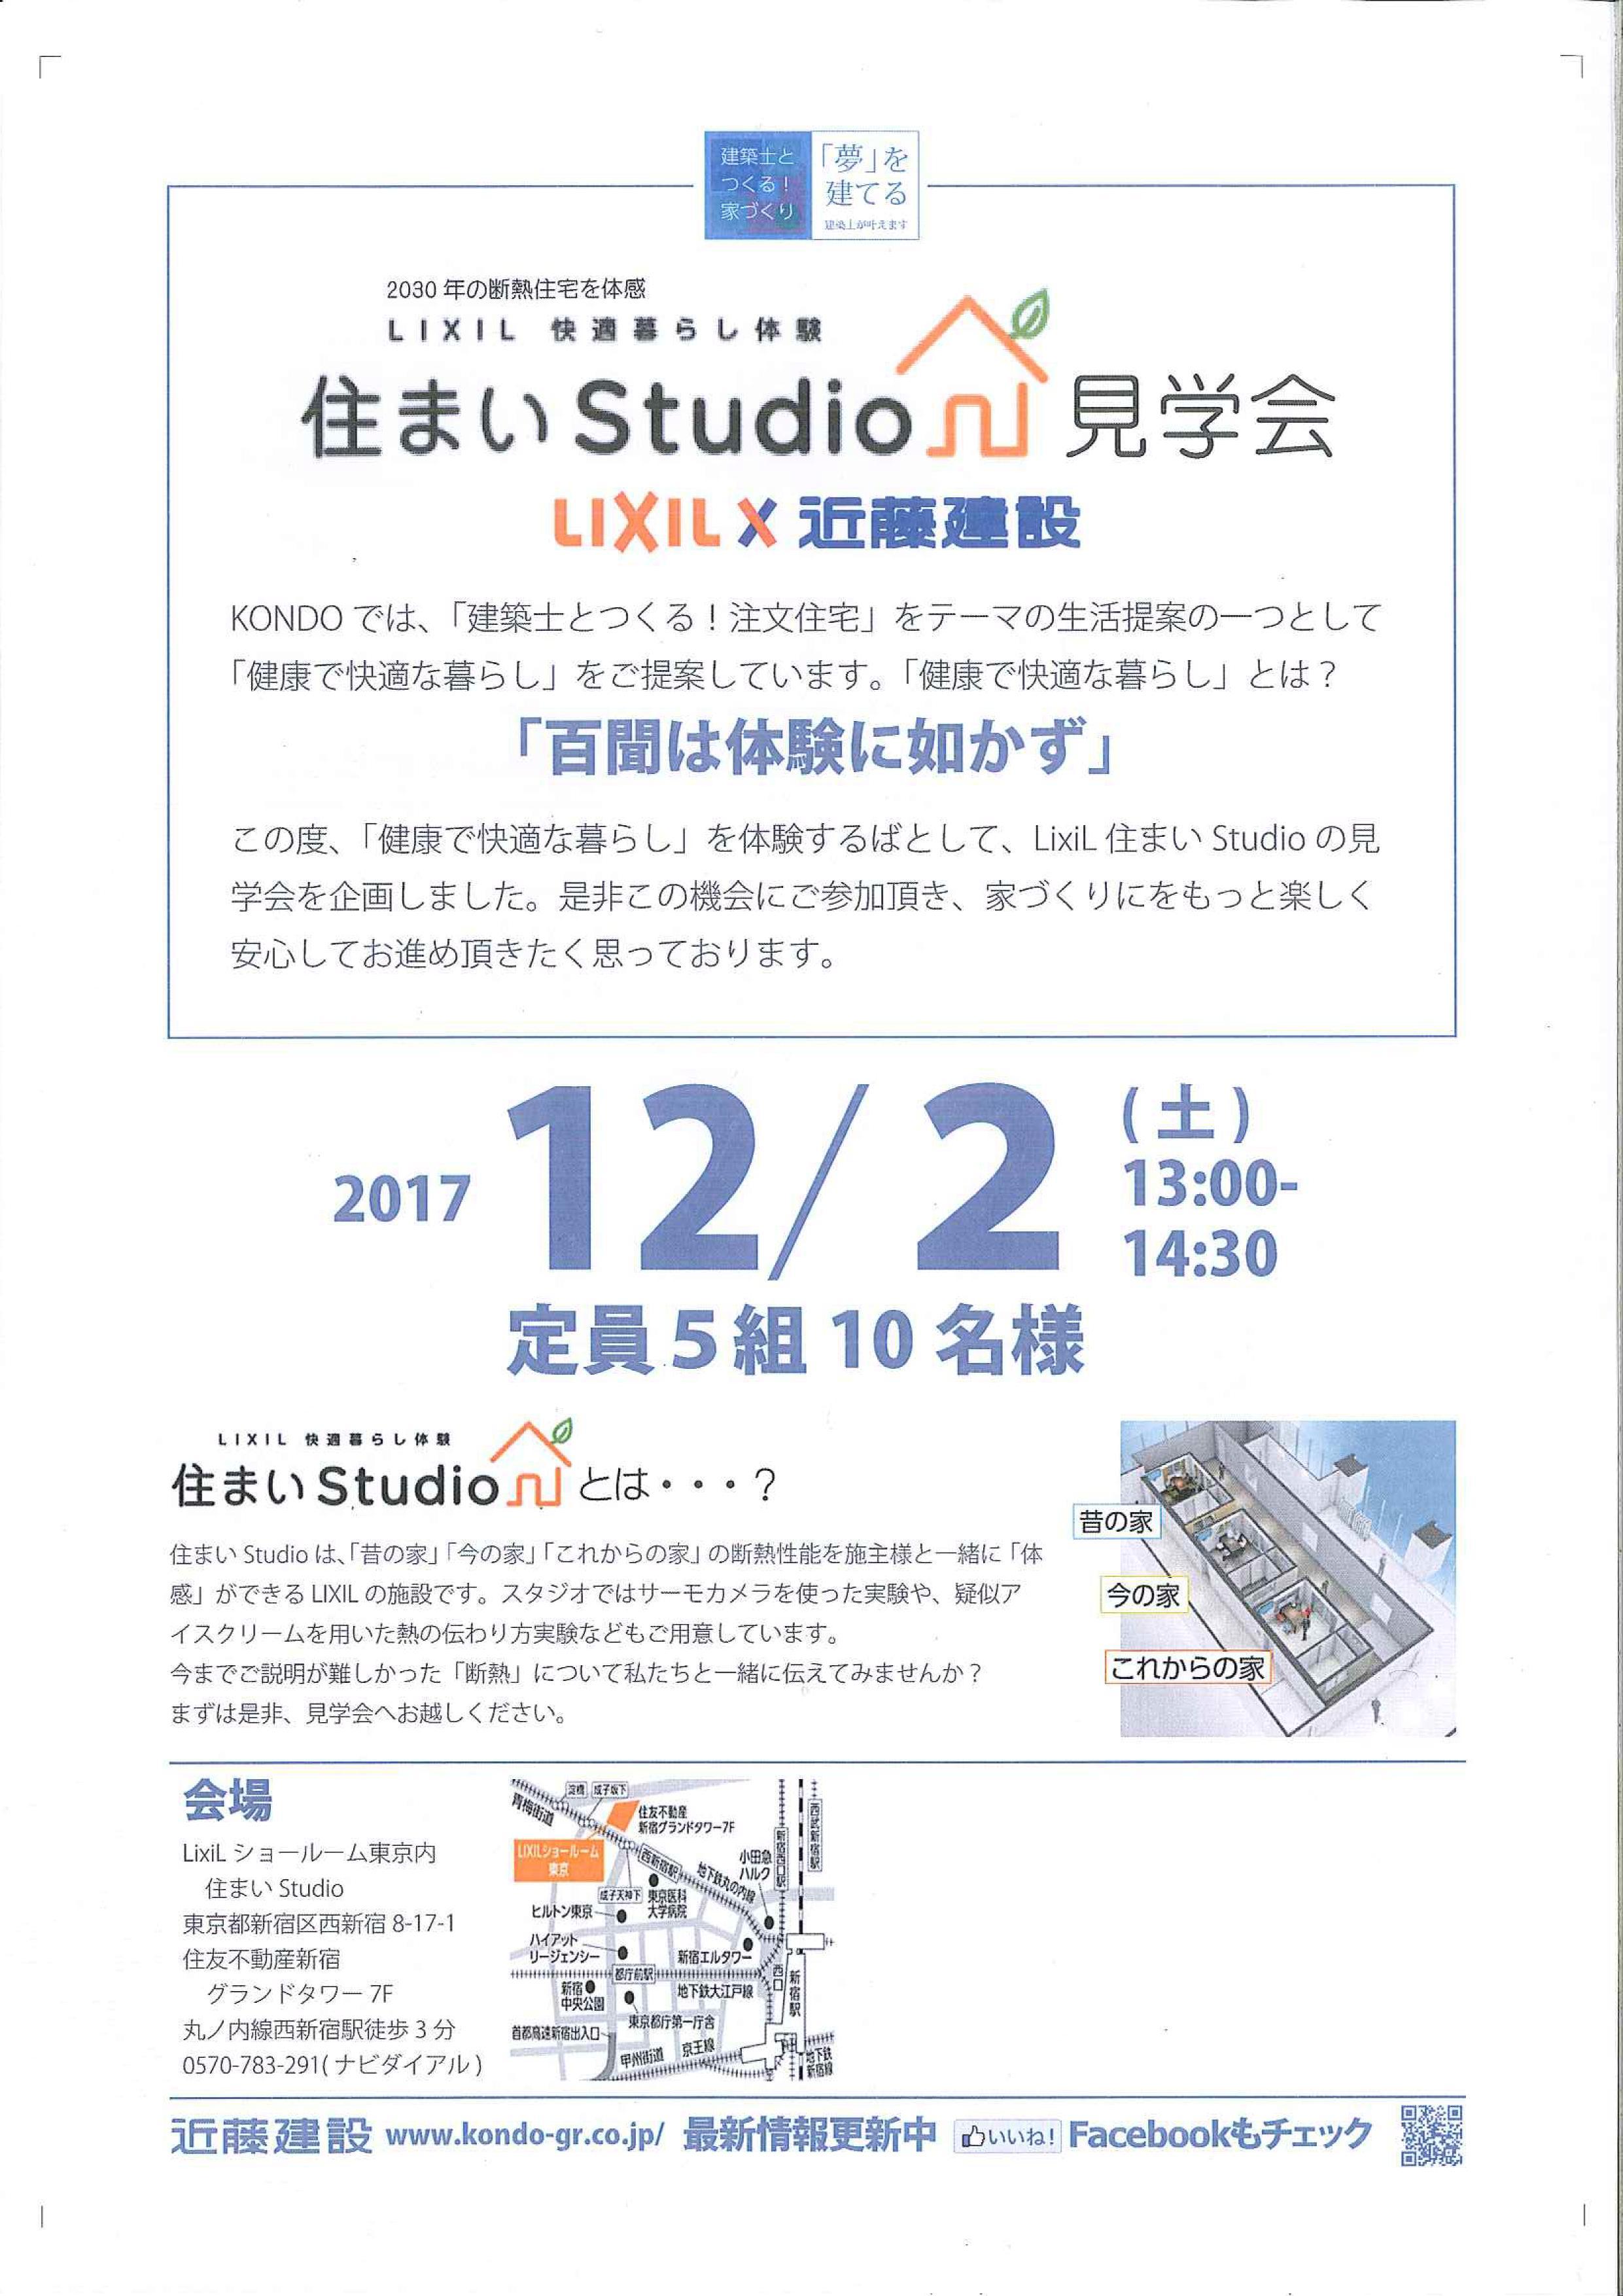 20171124192149036_01.jpg